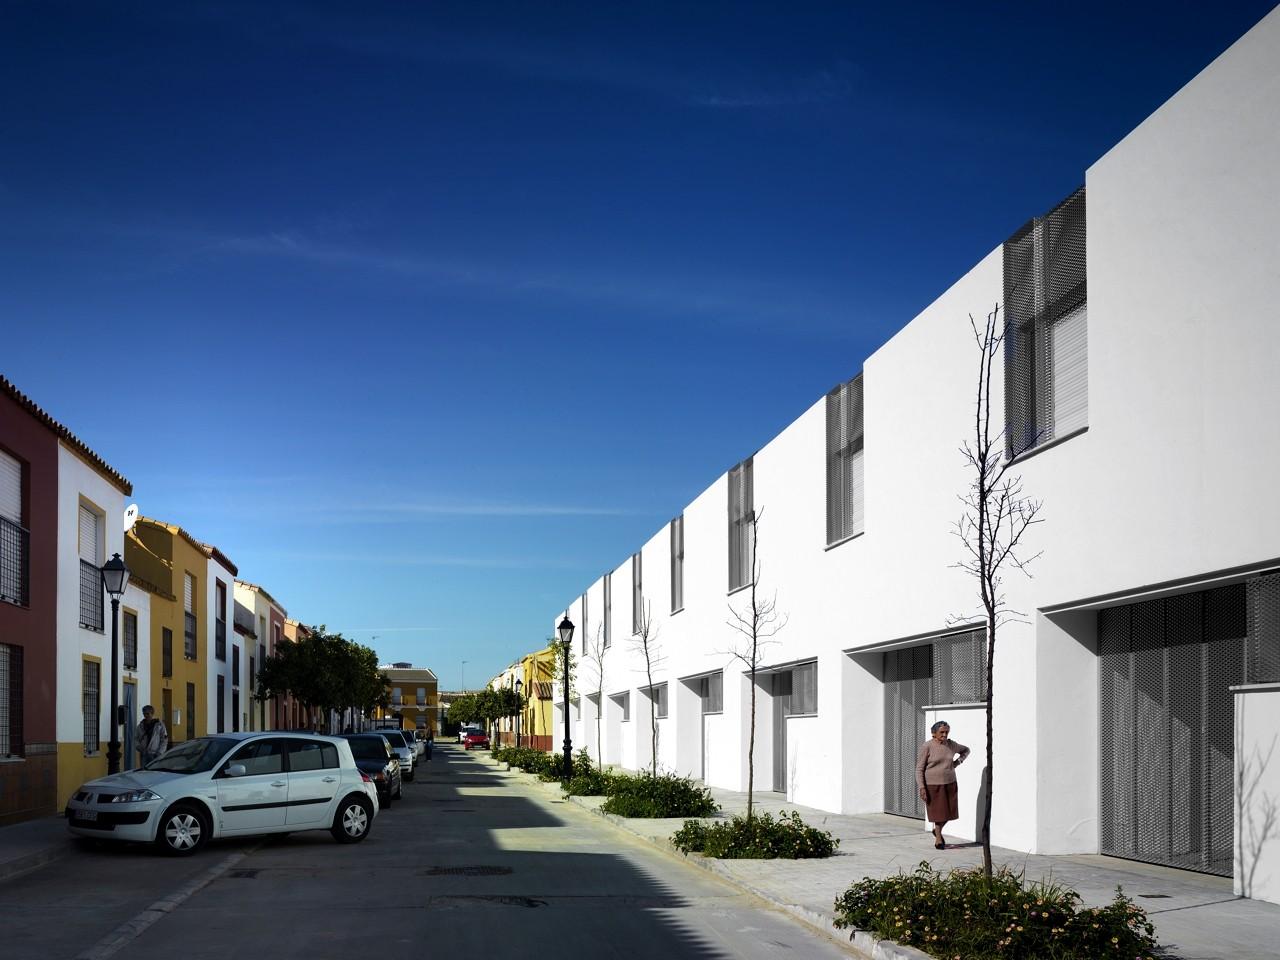 26 viviendas en umbrete gabriel verd arquitectos plataforma arquitectura - Arquitectos en granada ...